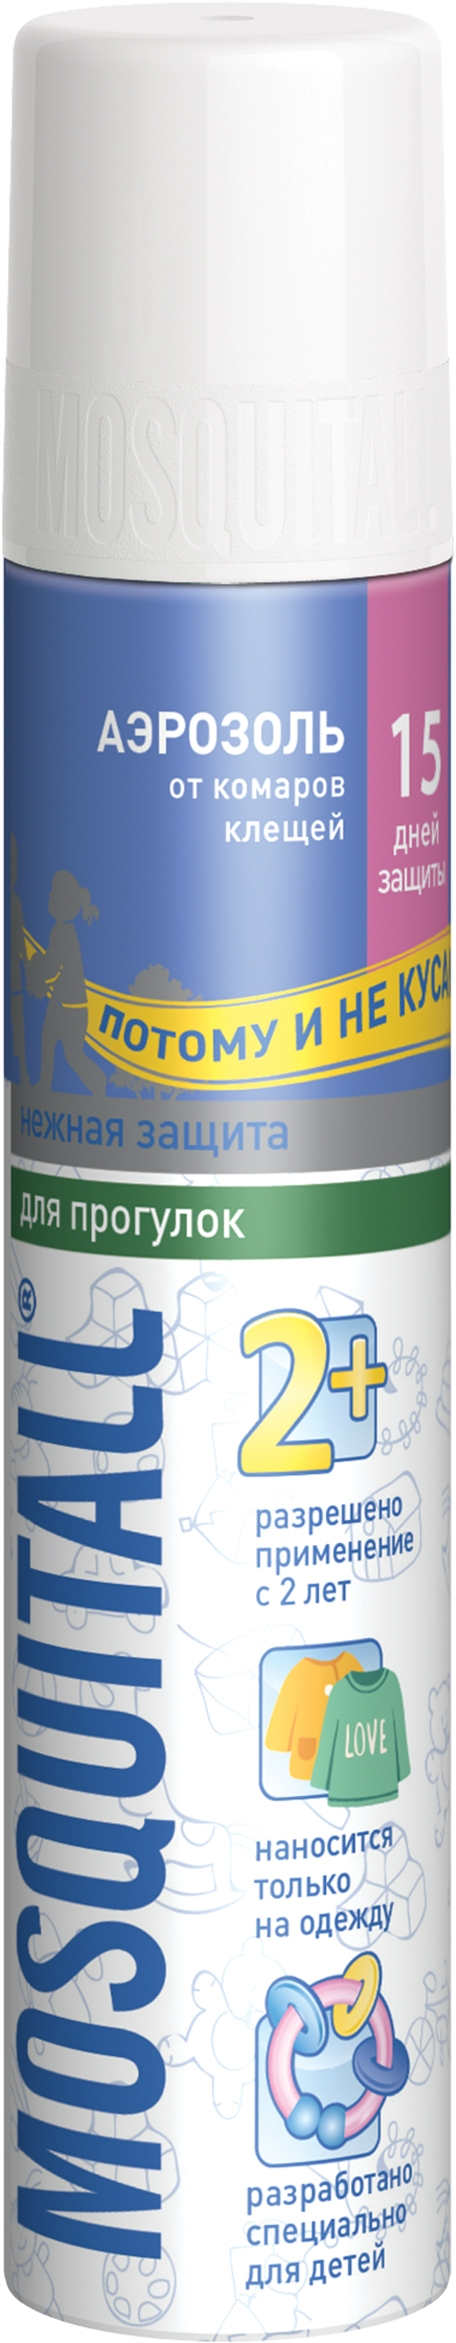 Аэрозоль Mosquitall Нежная защита для детей от клещей 150 мл аэрозоль от кровососущих насекомых argus 150 мл